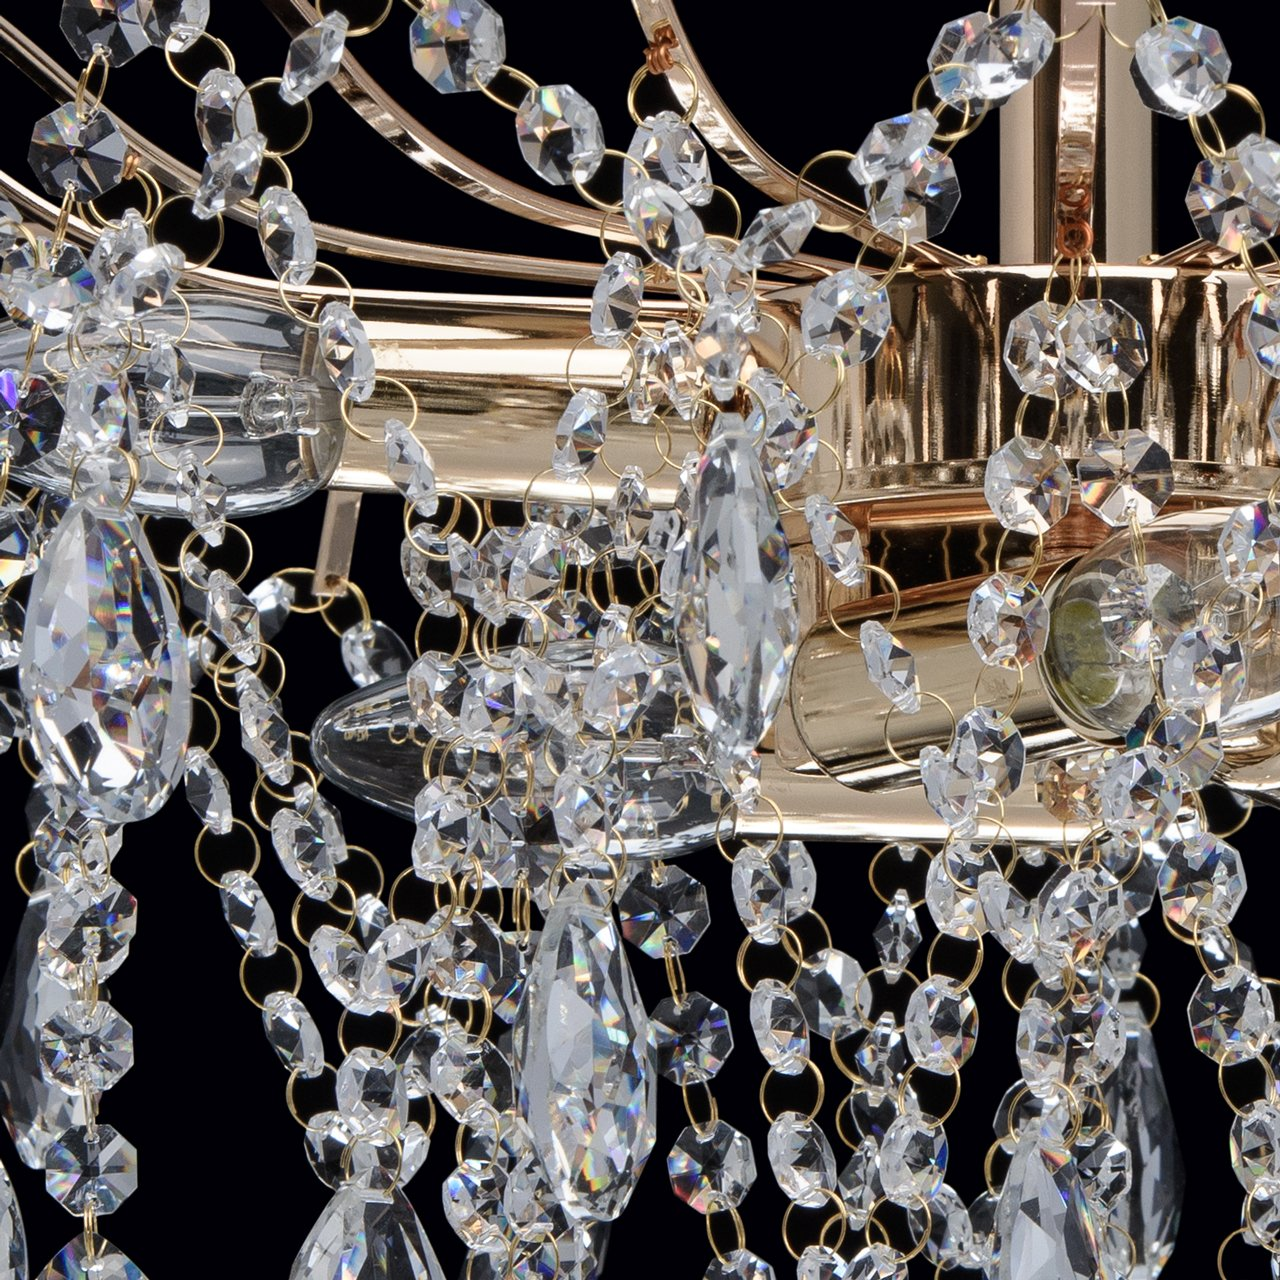 Elegante kompakte Deckenleuchte 6 flammig nickelfarbiges Metall Metall Metall Kristall klar Modern indirektes Licht Lichtspiel Wohnzimmer Schlafzimmer Restaurant Flur exkl.6  60W E14 6bb7c8